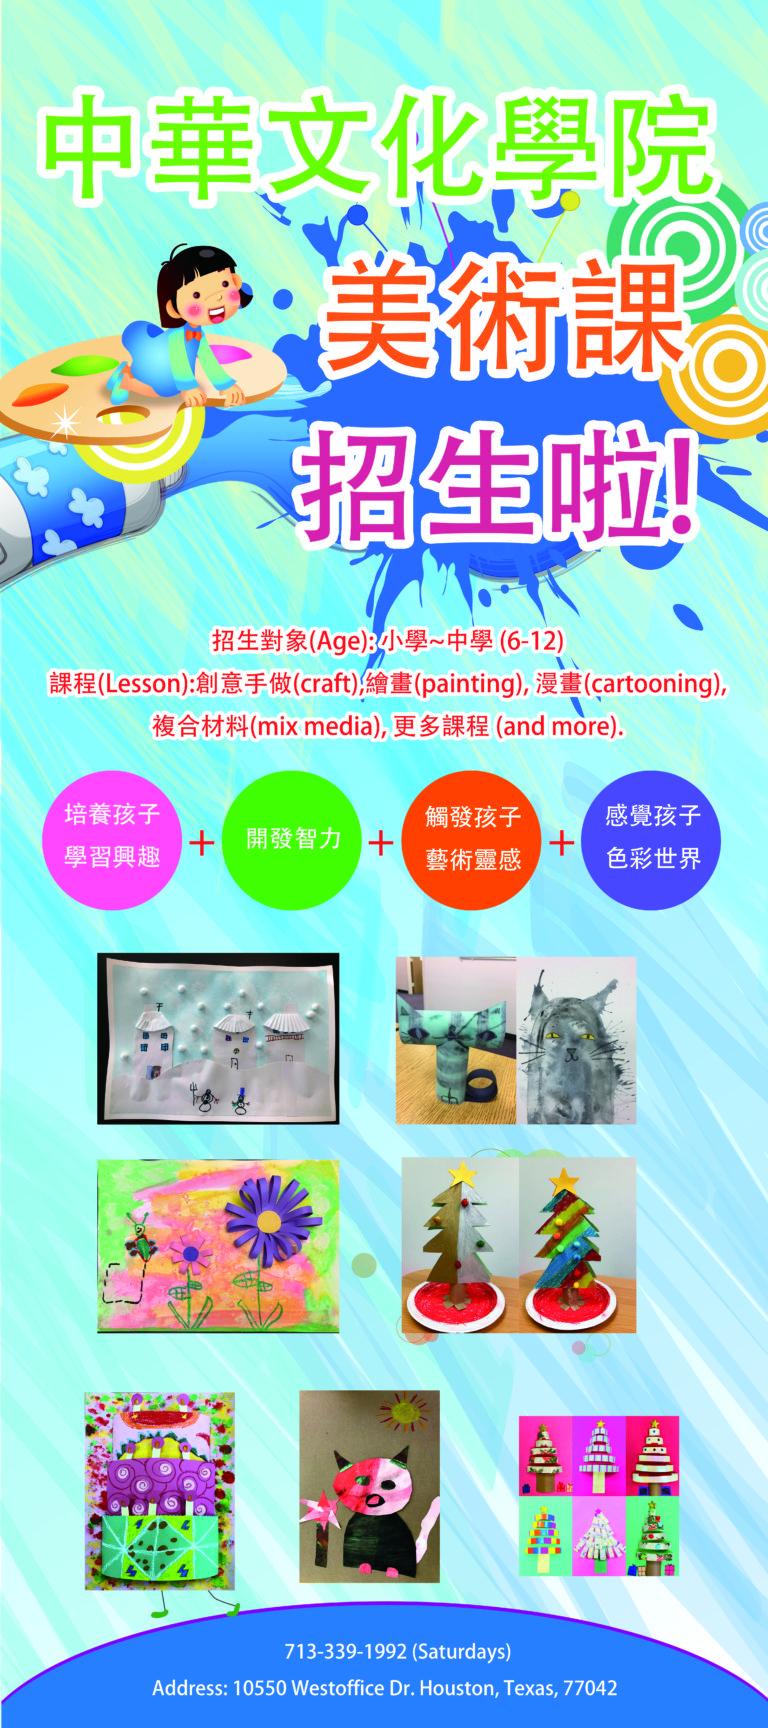 中華文化學院美術班。